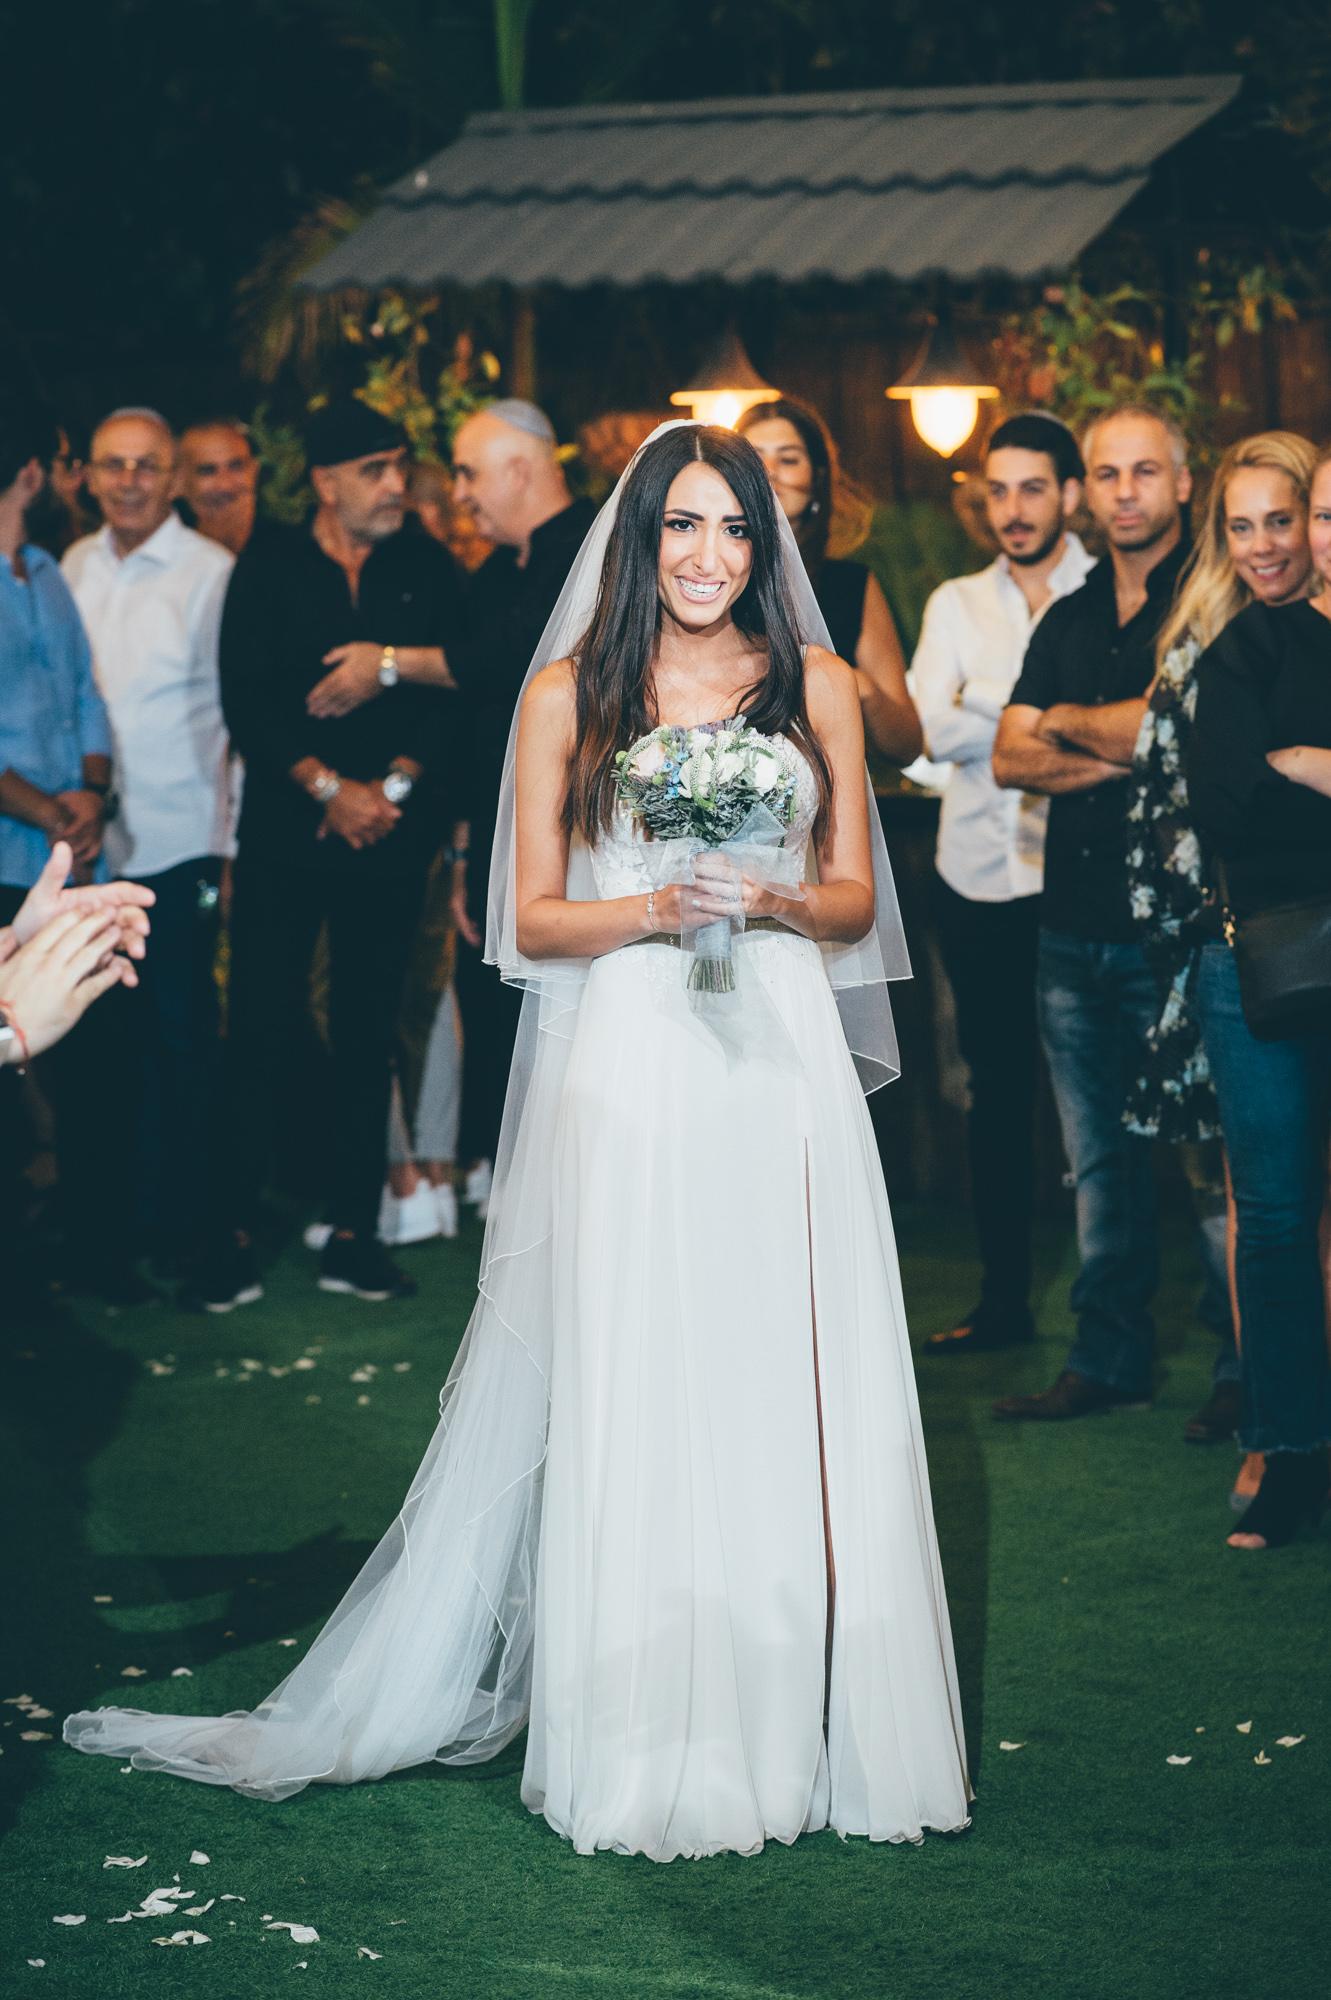 Wedding photos by - Asaf Kliger-76.jpg